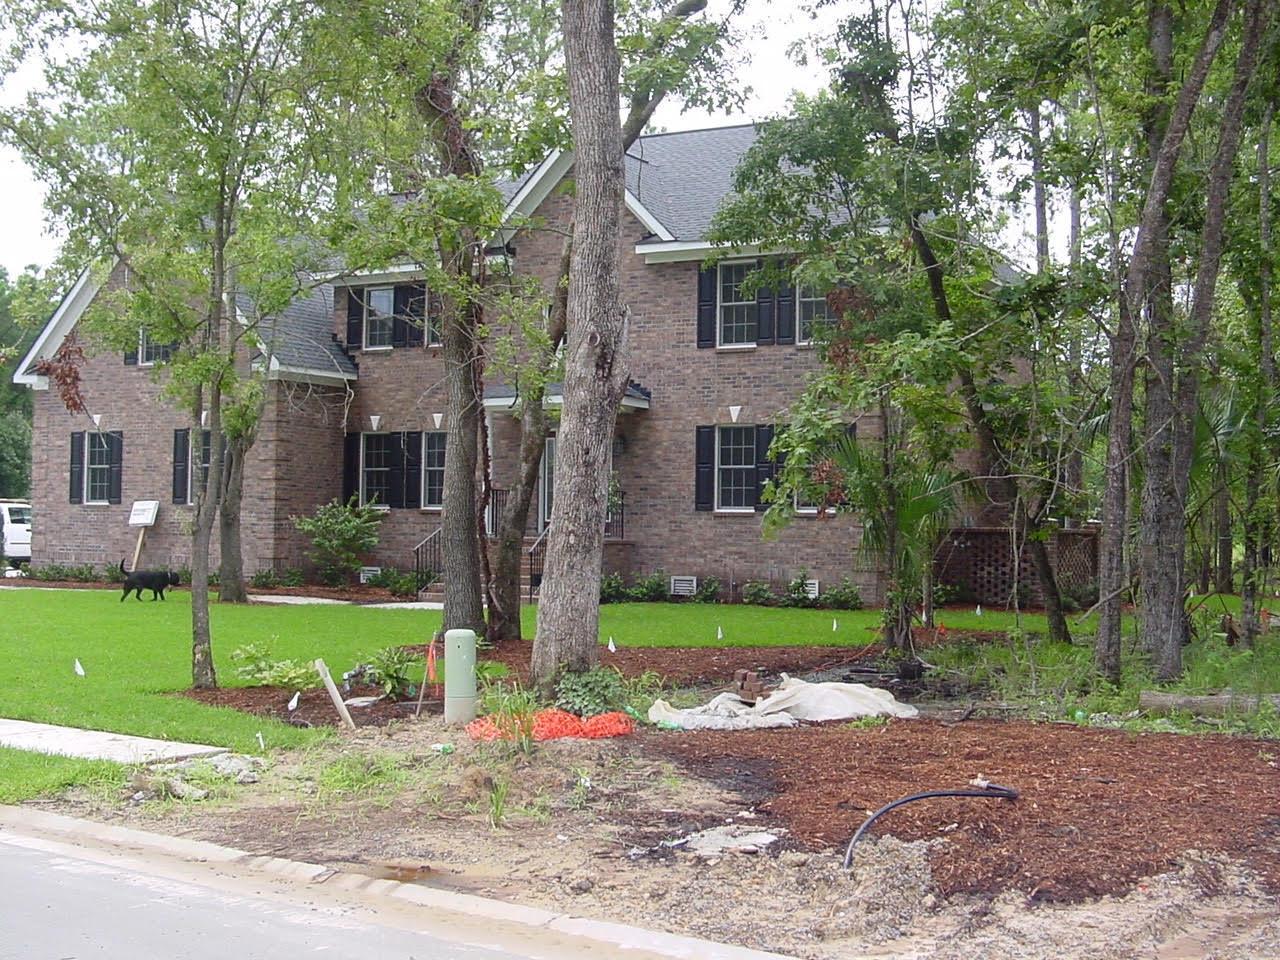 Home for sale 3577 Henrietta Hartford Road, Park West, Mt. Pleasant, SC